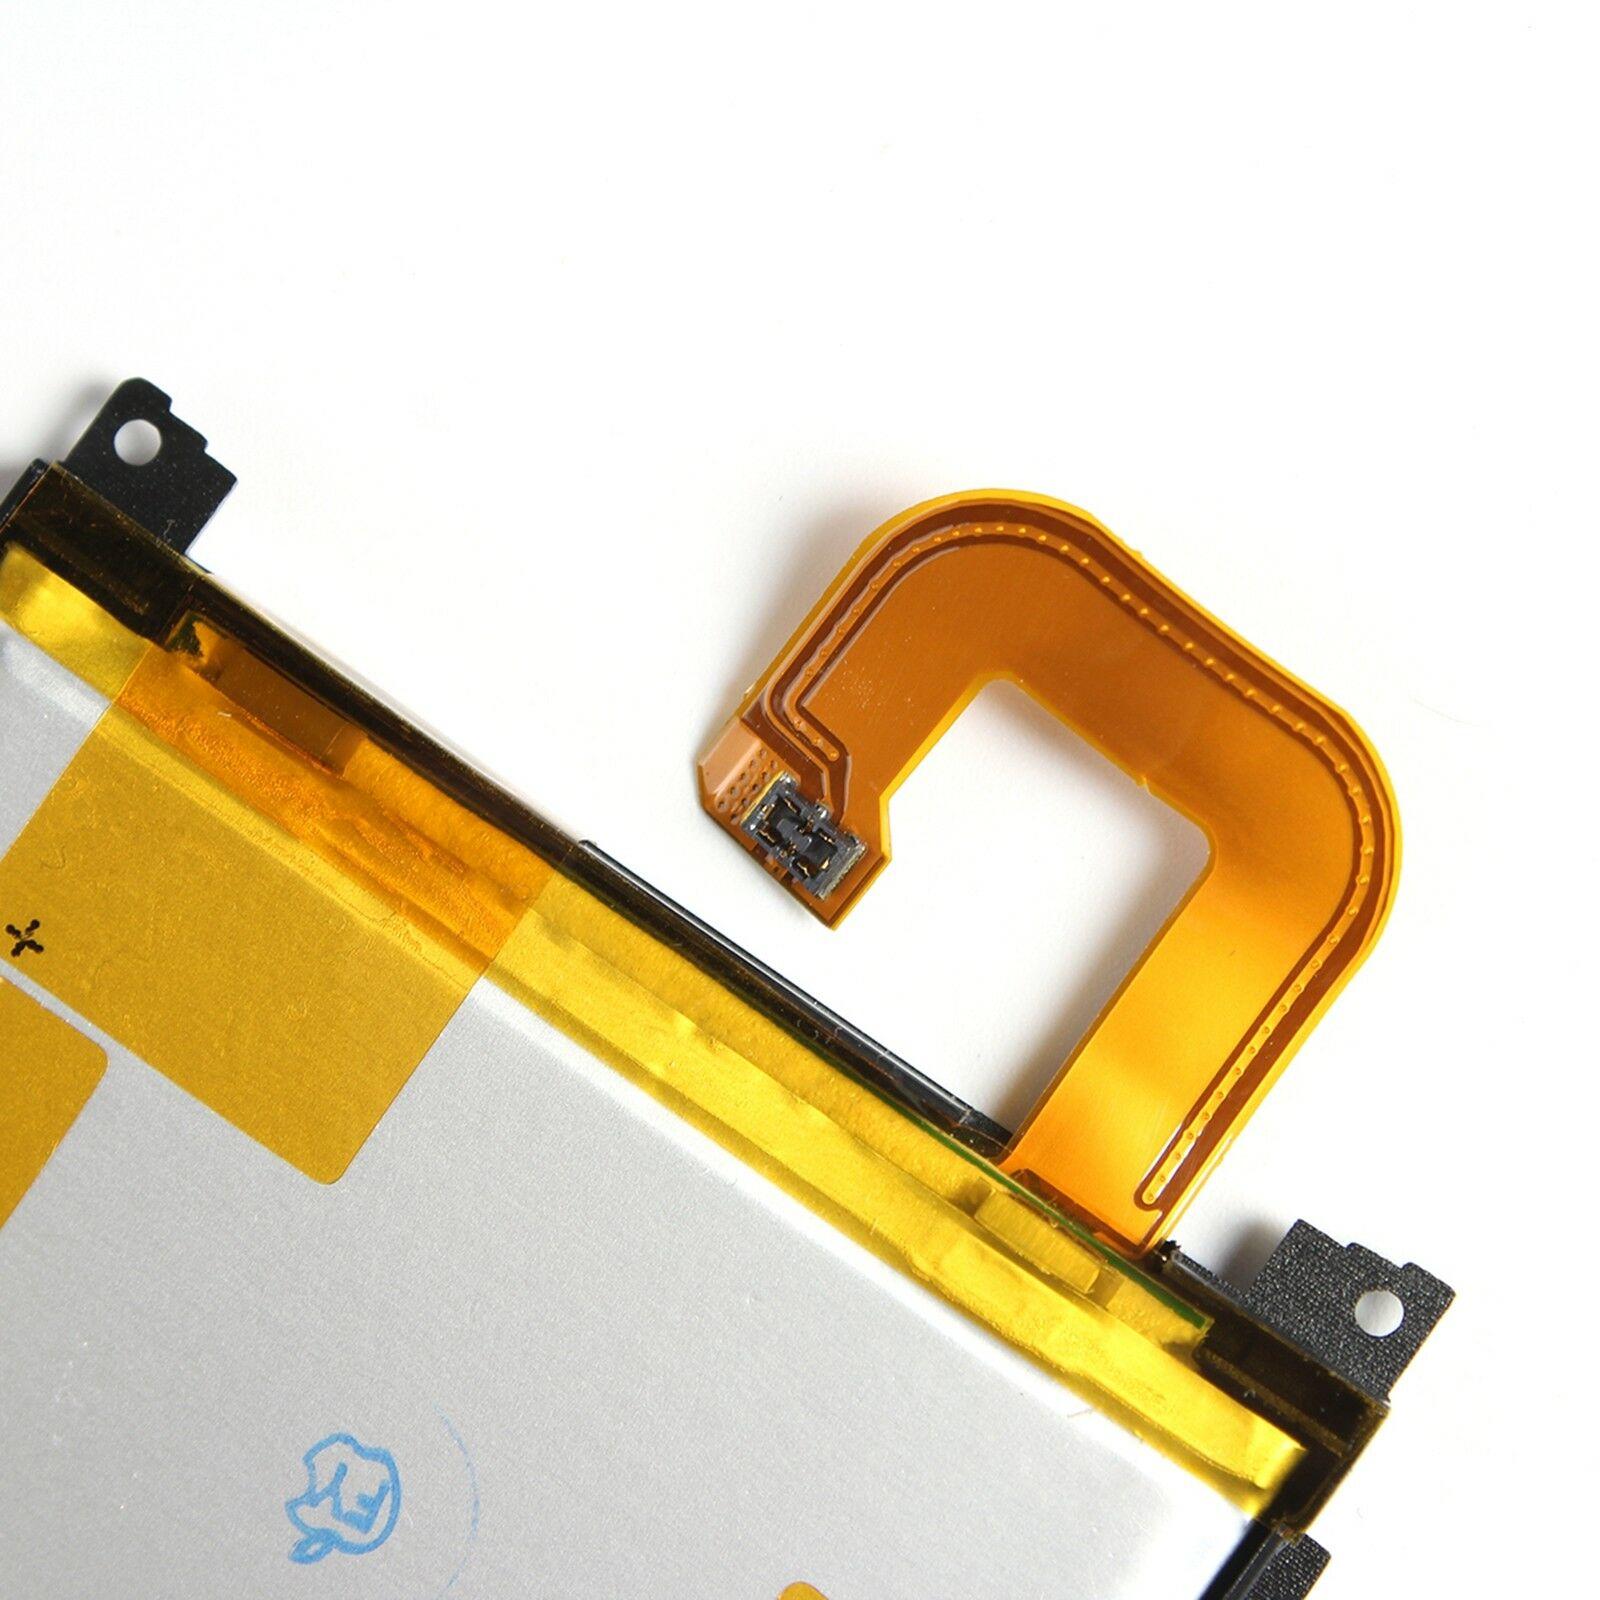 باتری-گوشی-موبایل-سونی-اکسپریا-زد-وان-هونامی-Sony-Xperia-Z1-Honami-C6903-3000mAh-LIS1525ERPC.....jpg